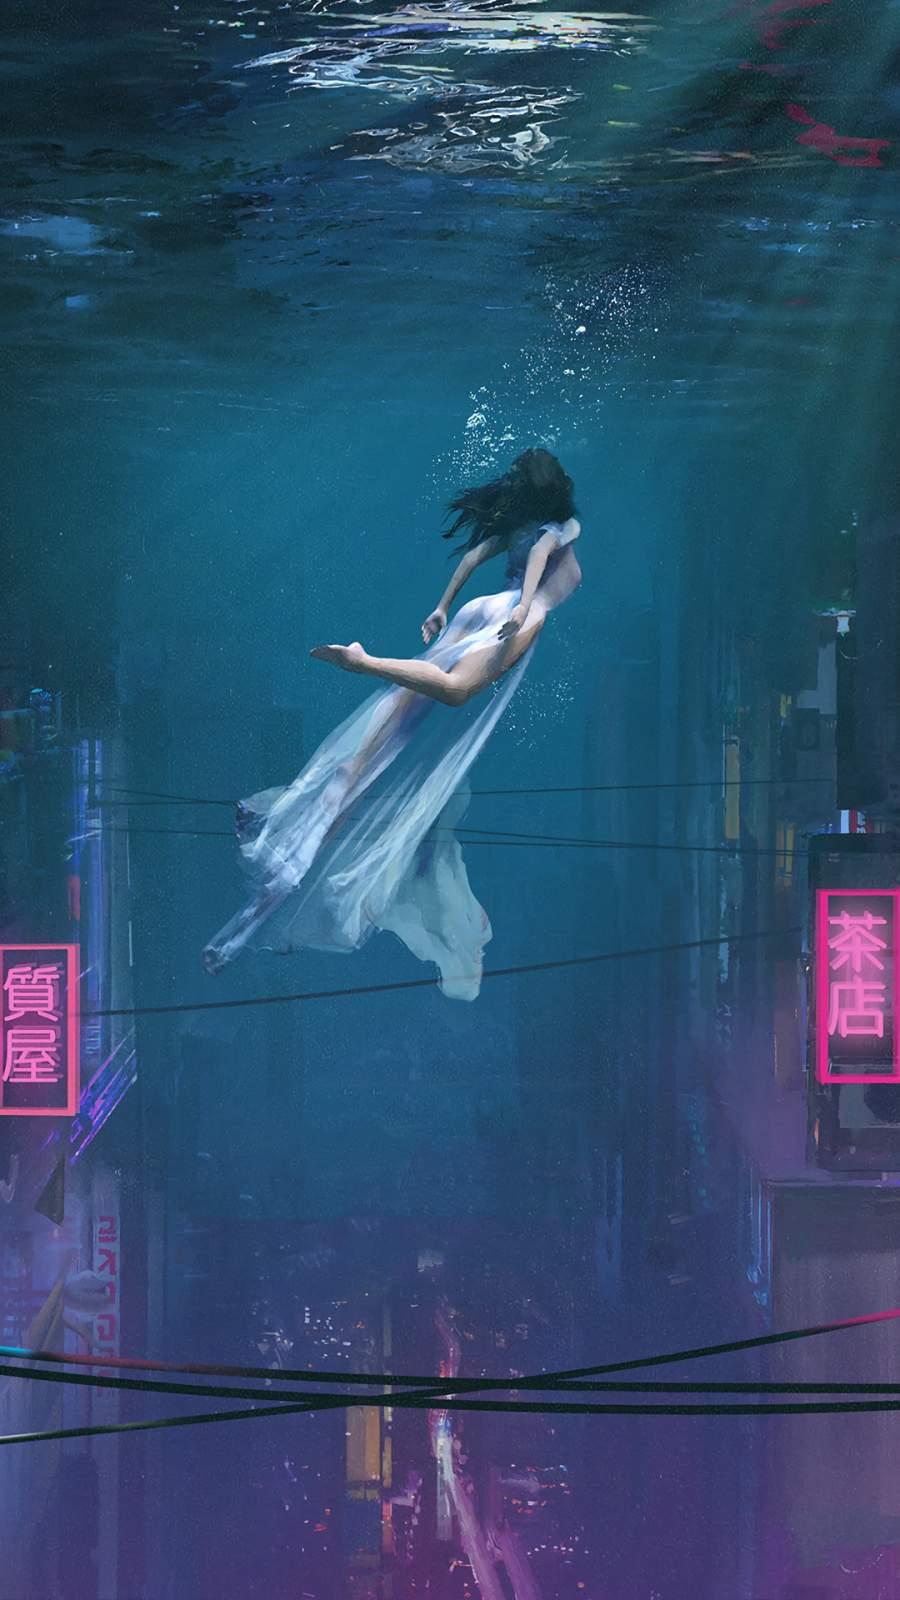 Underwater City Mermaid iPhone Wallpaper